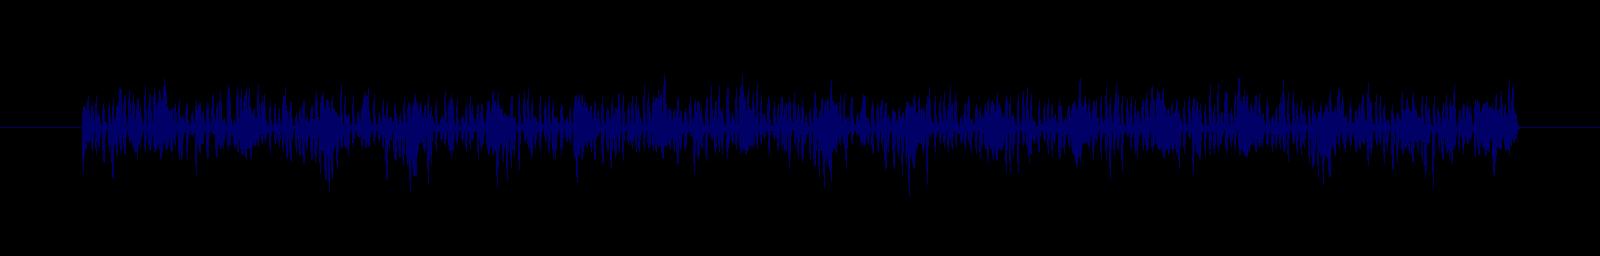 waveform of track #131681